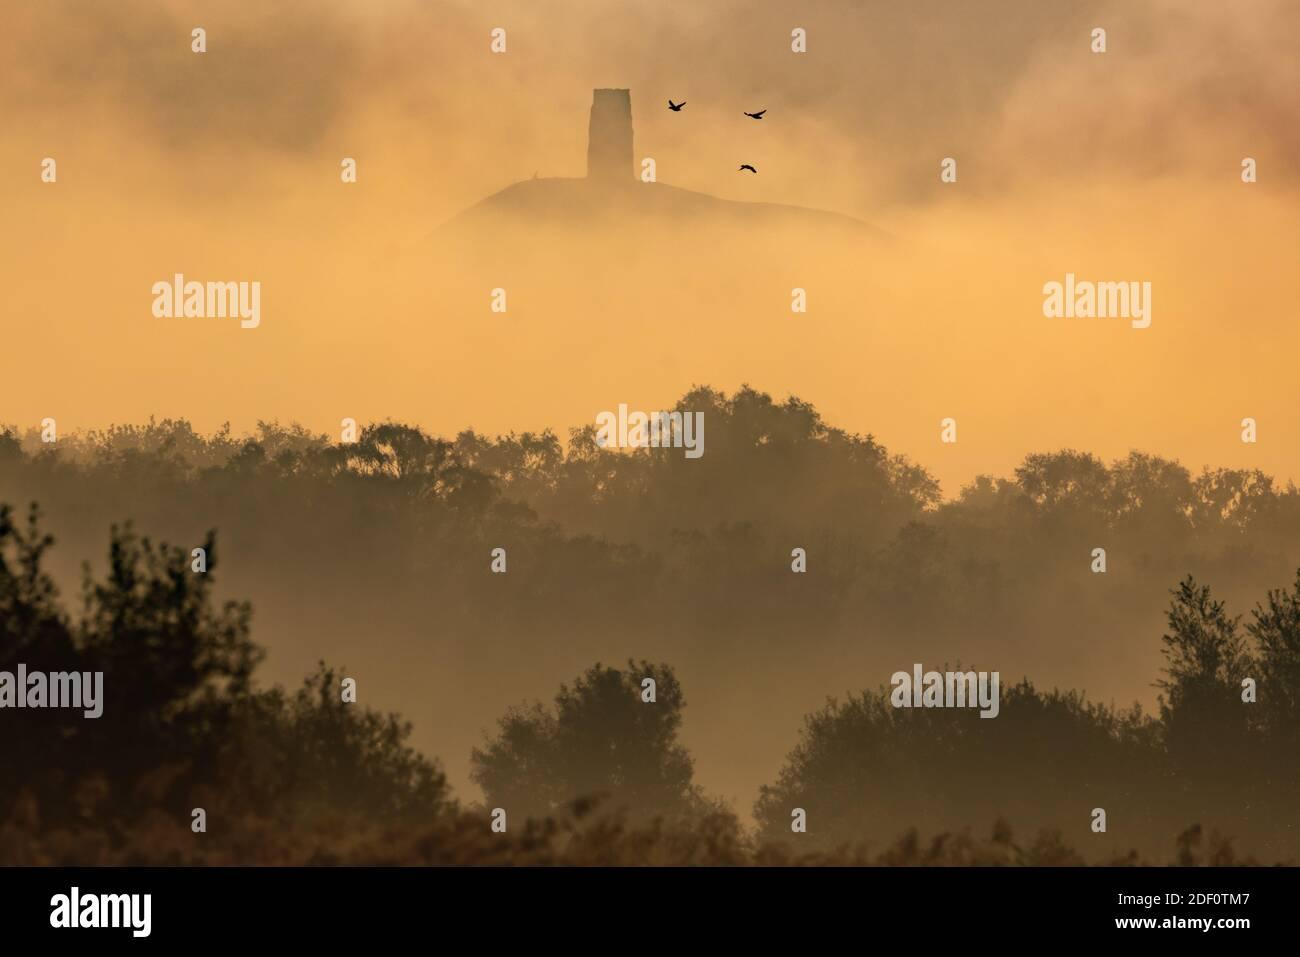 Equinox d'automne : lumière et brume matinales au-dessus de Glastonbury Tor dans le Somerset, vues depuis les marais d'Avalon le dernier jour avant la fin officielle de l'été. Banque D'Images